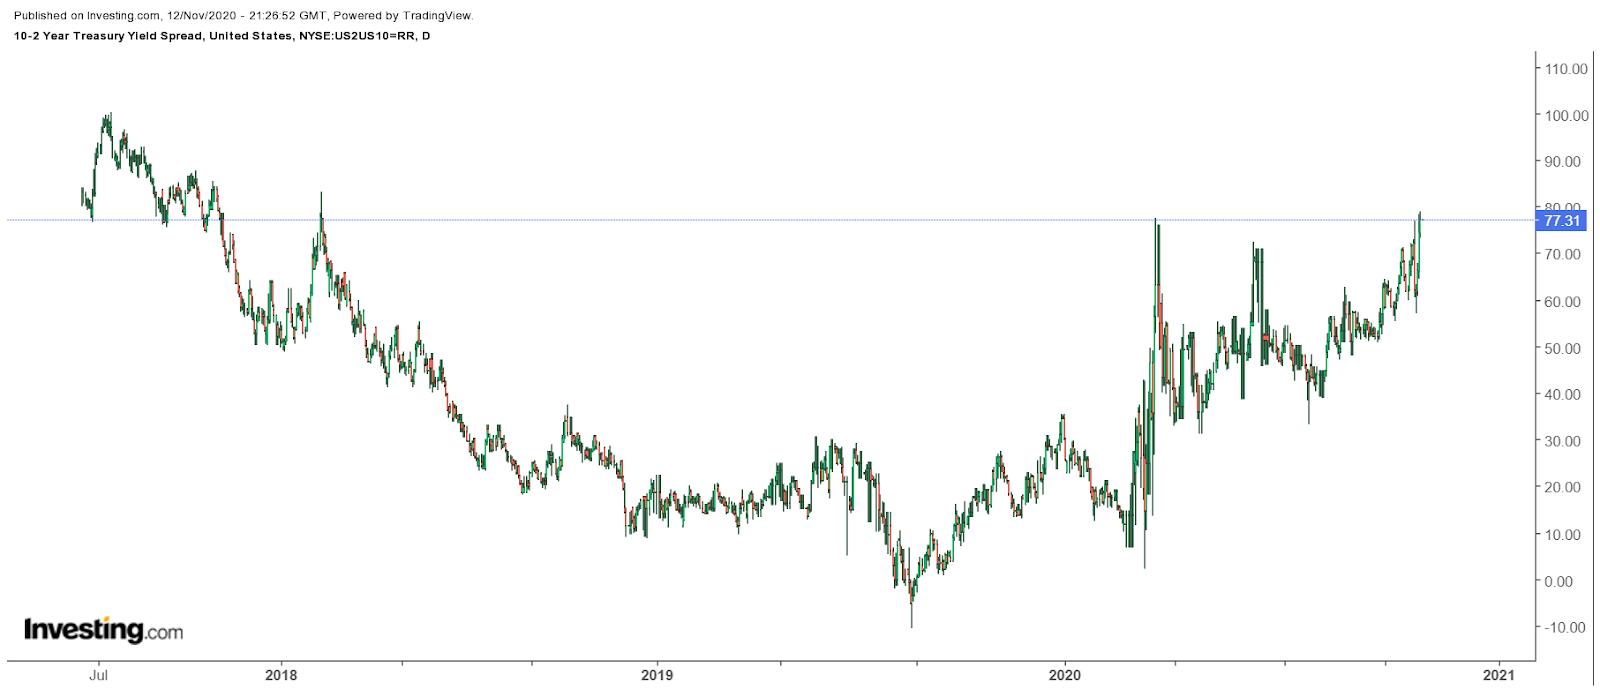 Treasury Yield Spread